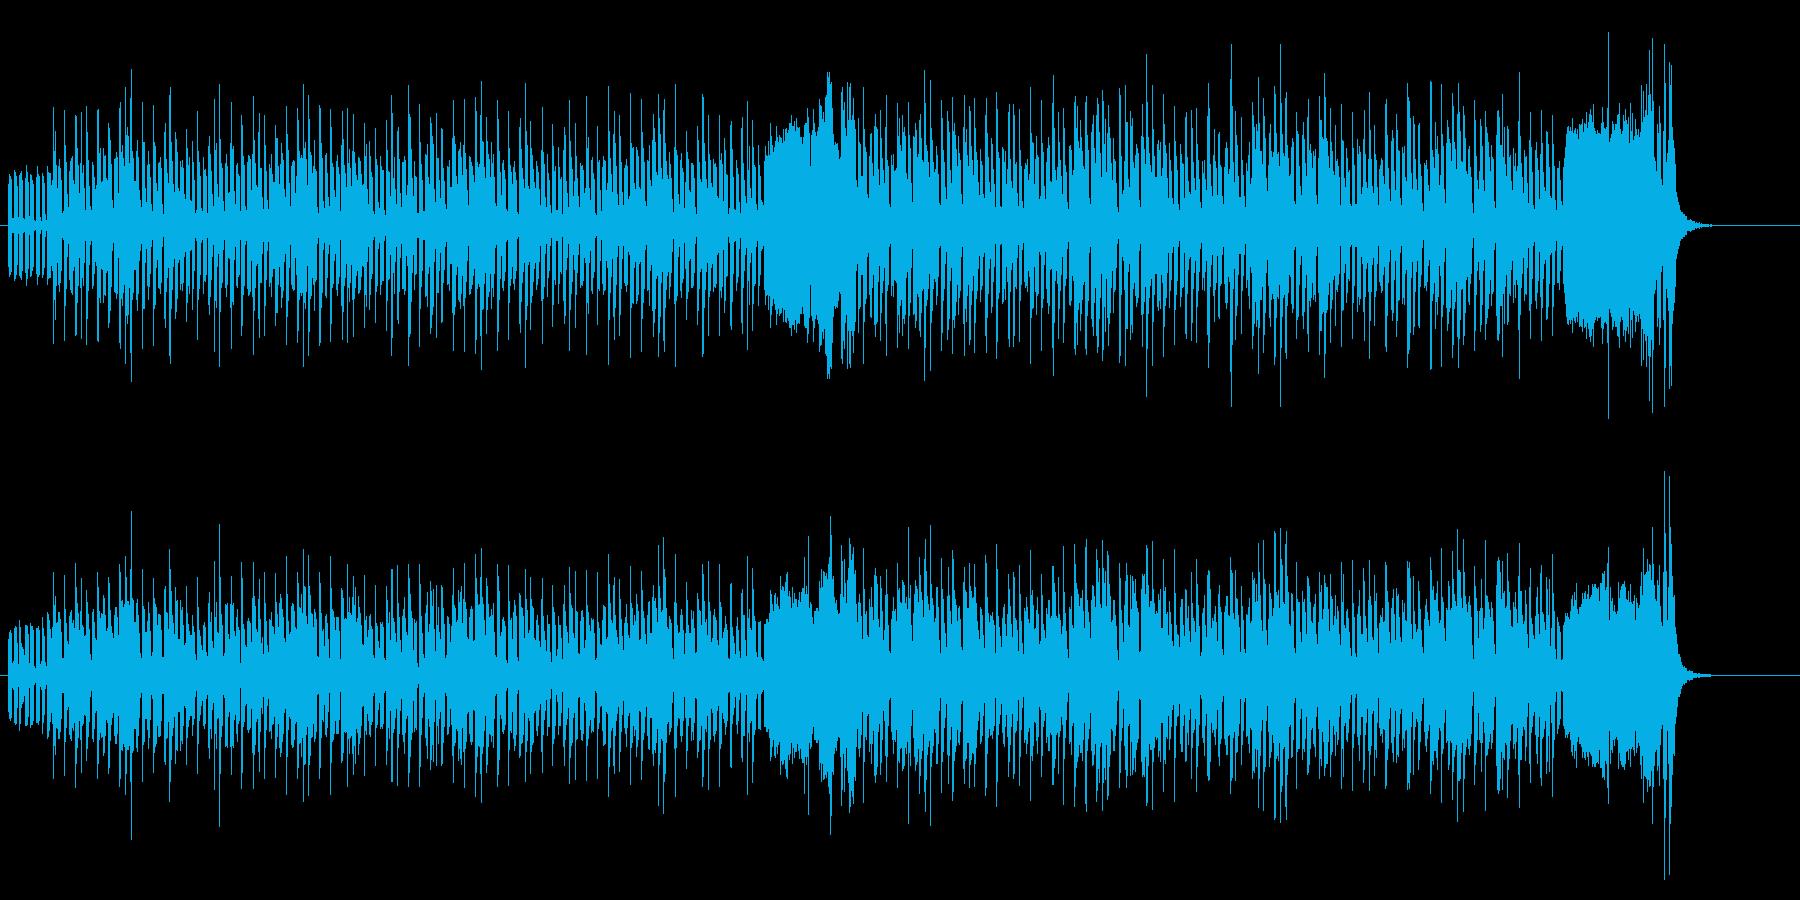 テクノロジカルなポップ・メロディーの再生済みの波形